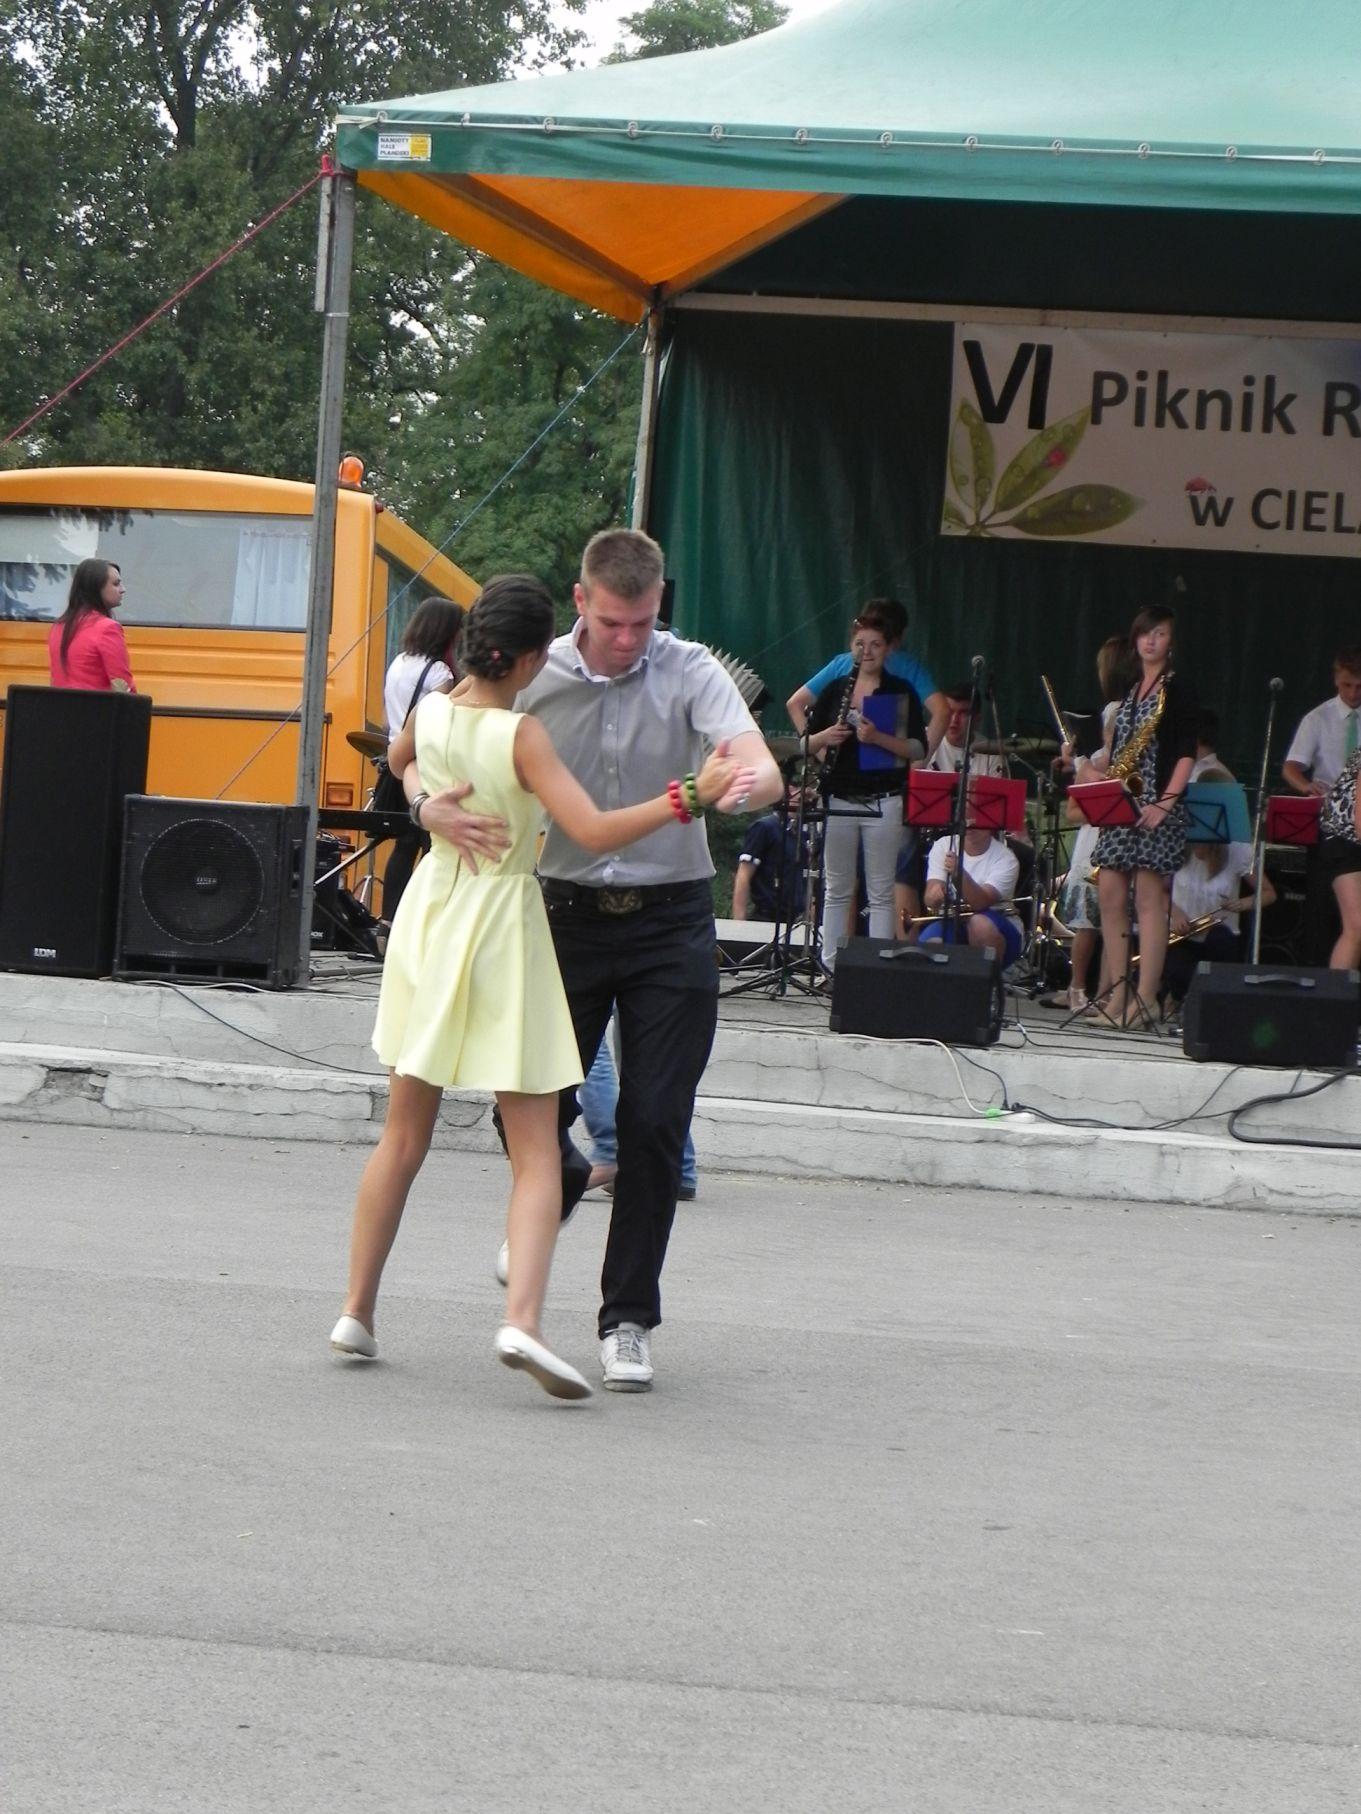 2013-08-18 Cielądz piknik (94)